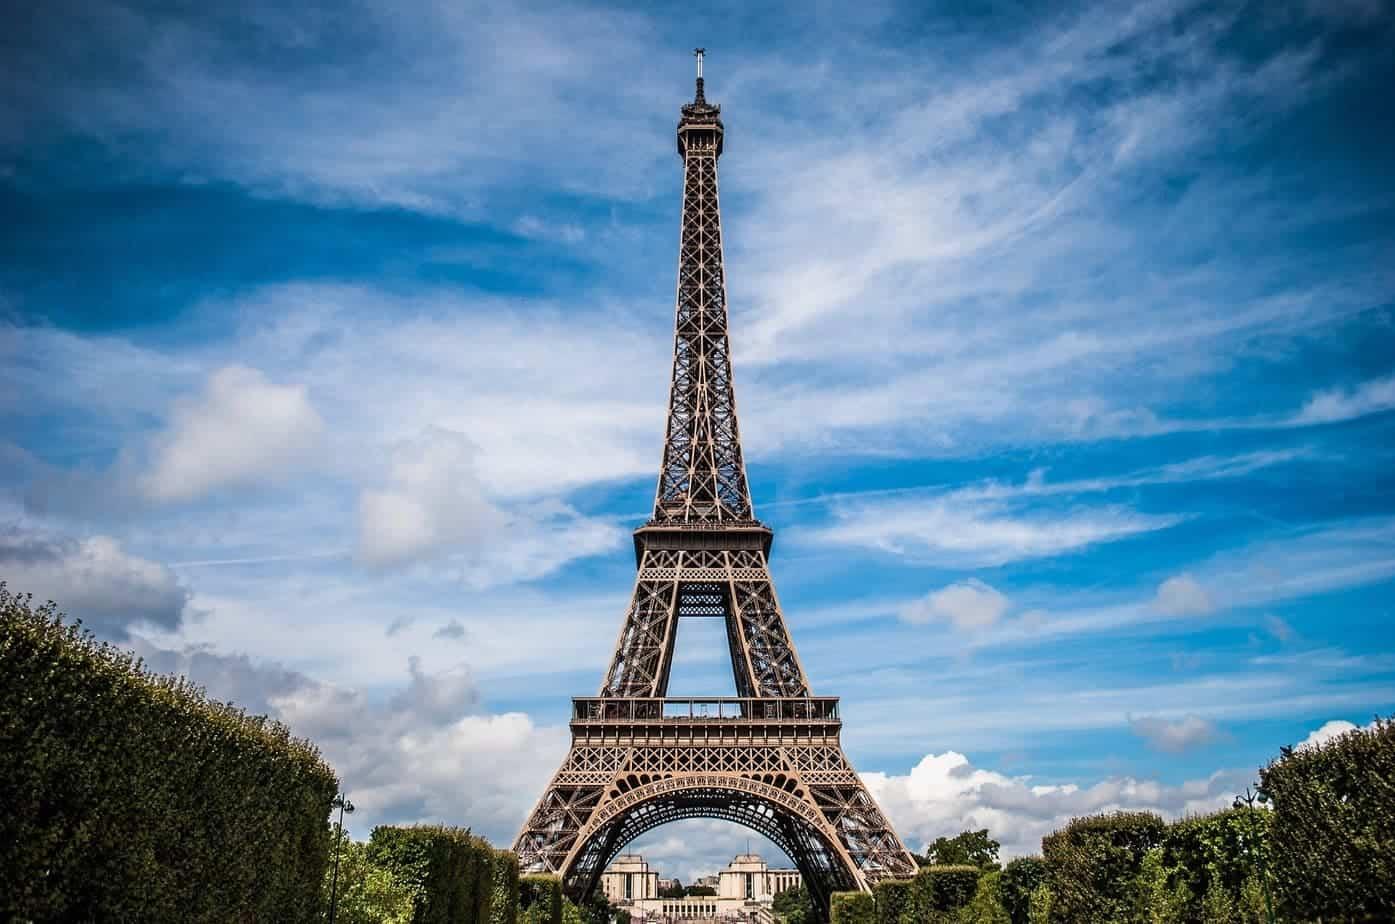 Parijs: winkelen, bezienswaardigheden, vervoer én must-sees!